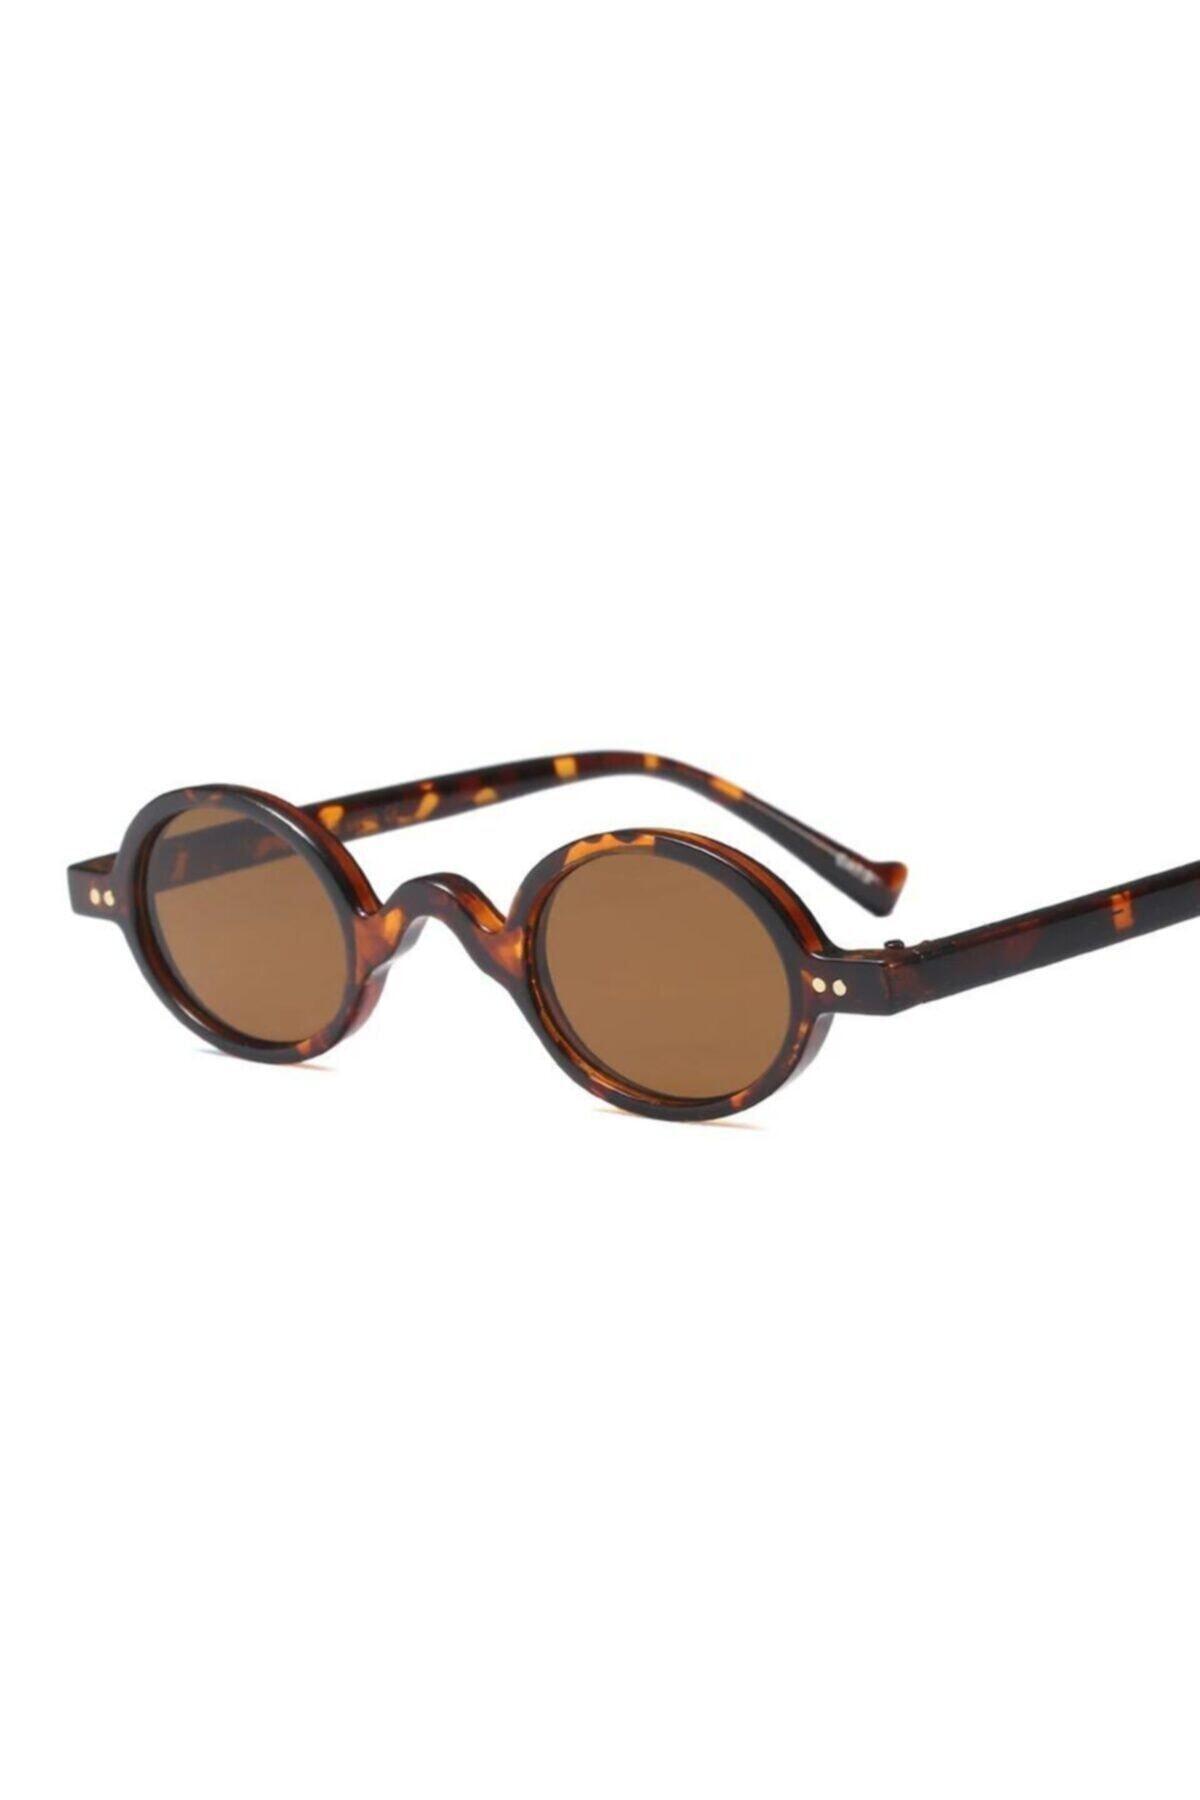 Unisex Kahverengi Minimal Vintage Retro Kemik Güneş Gözlüğü